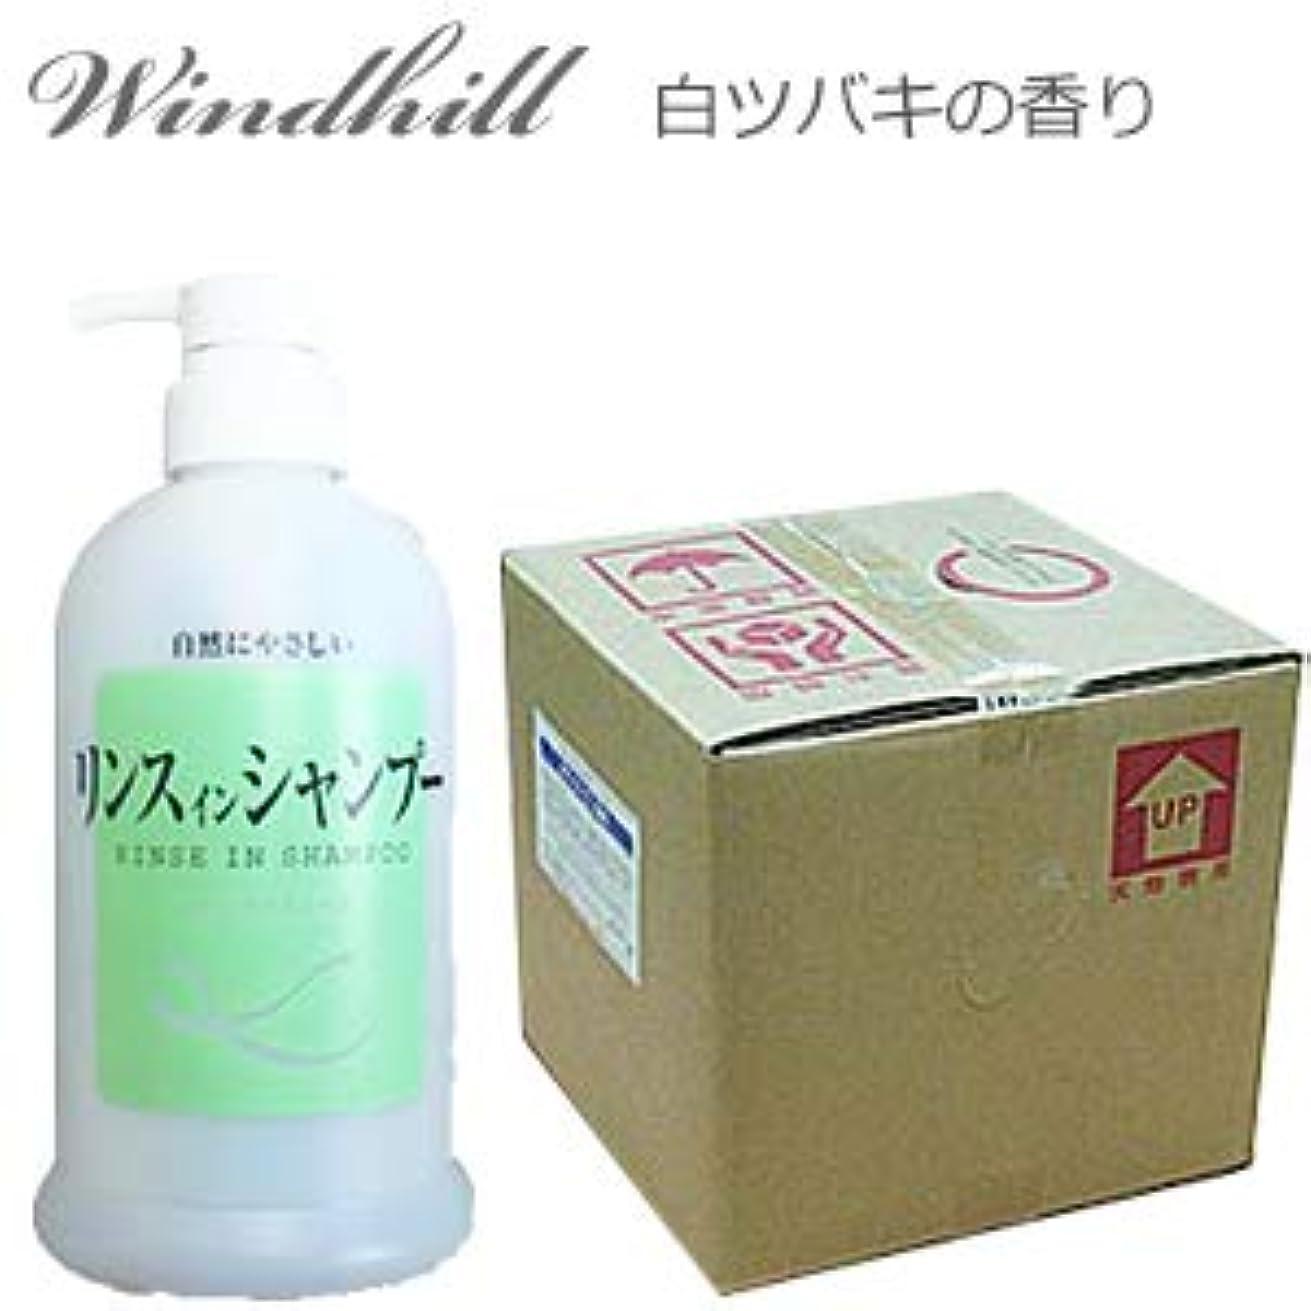 無駄だ放散する締めるなんと! 500ml当り175円 Windhill 植物性 業務用 リンスインシャンプー 白椿の香り